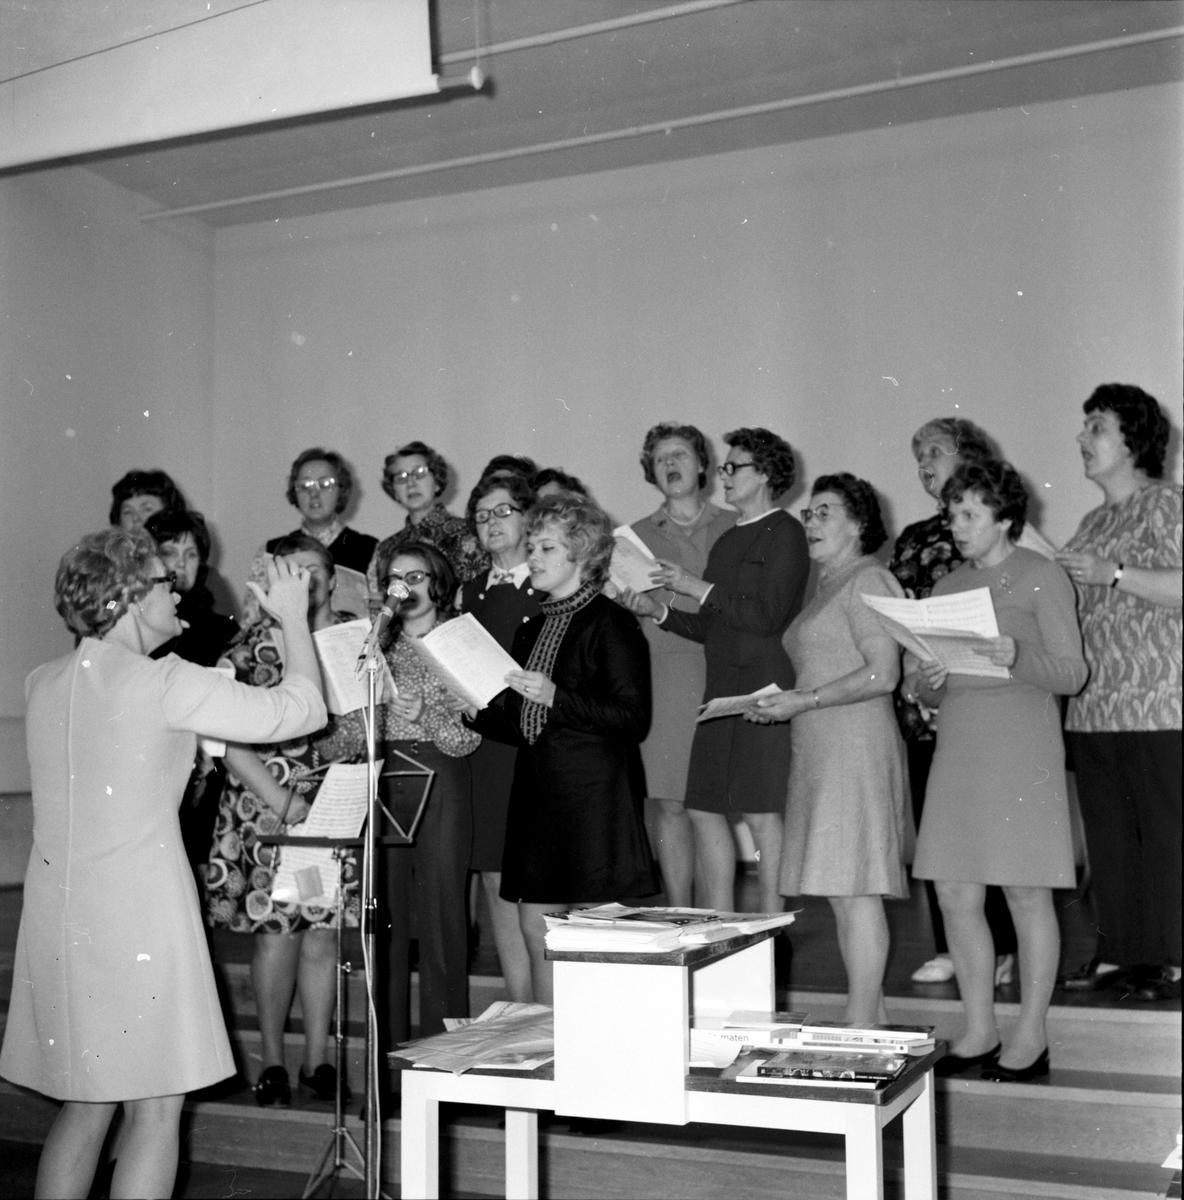 Arbrå, Rädda Barnens soaré på Centralskolan, Asta Östenius, December 1971